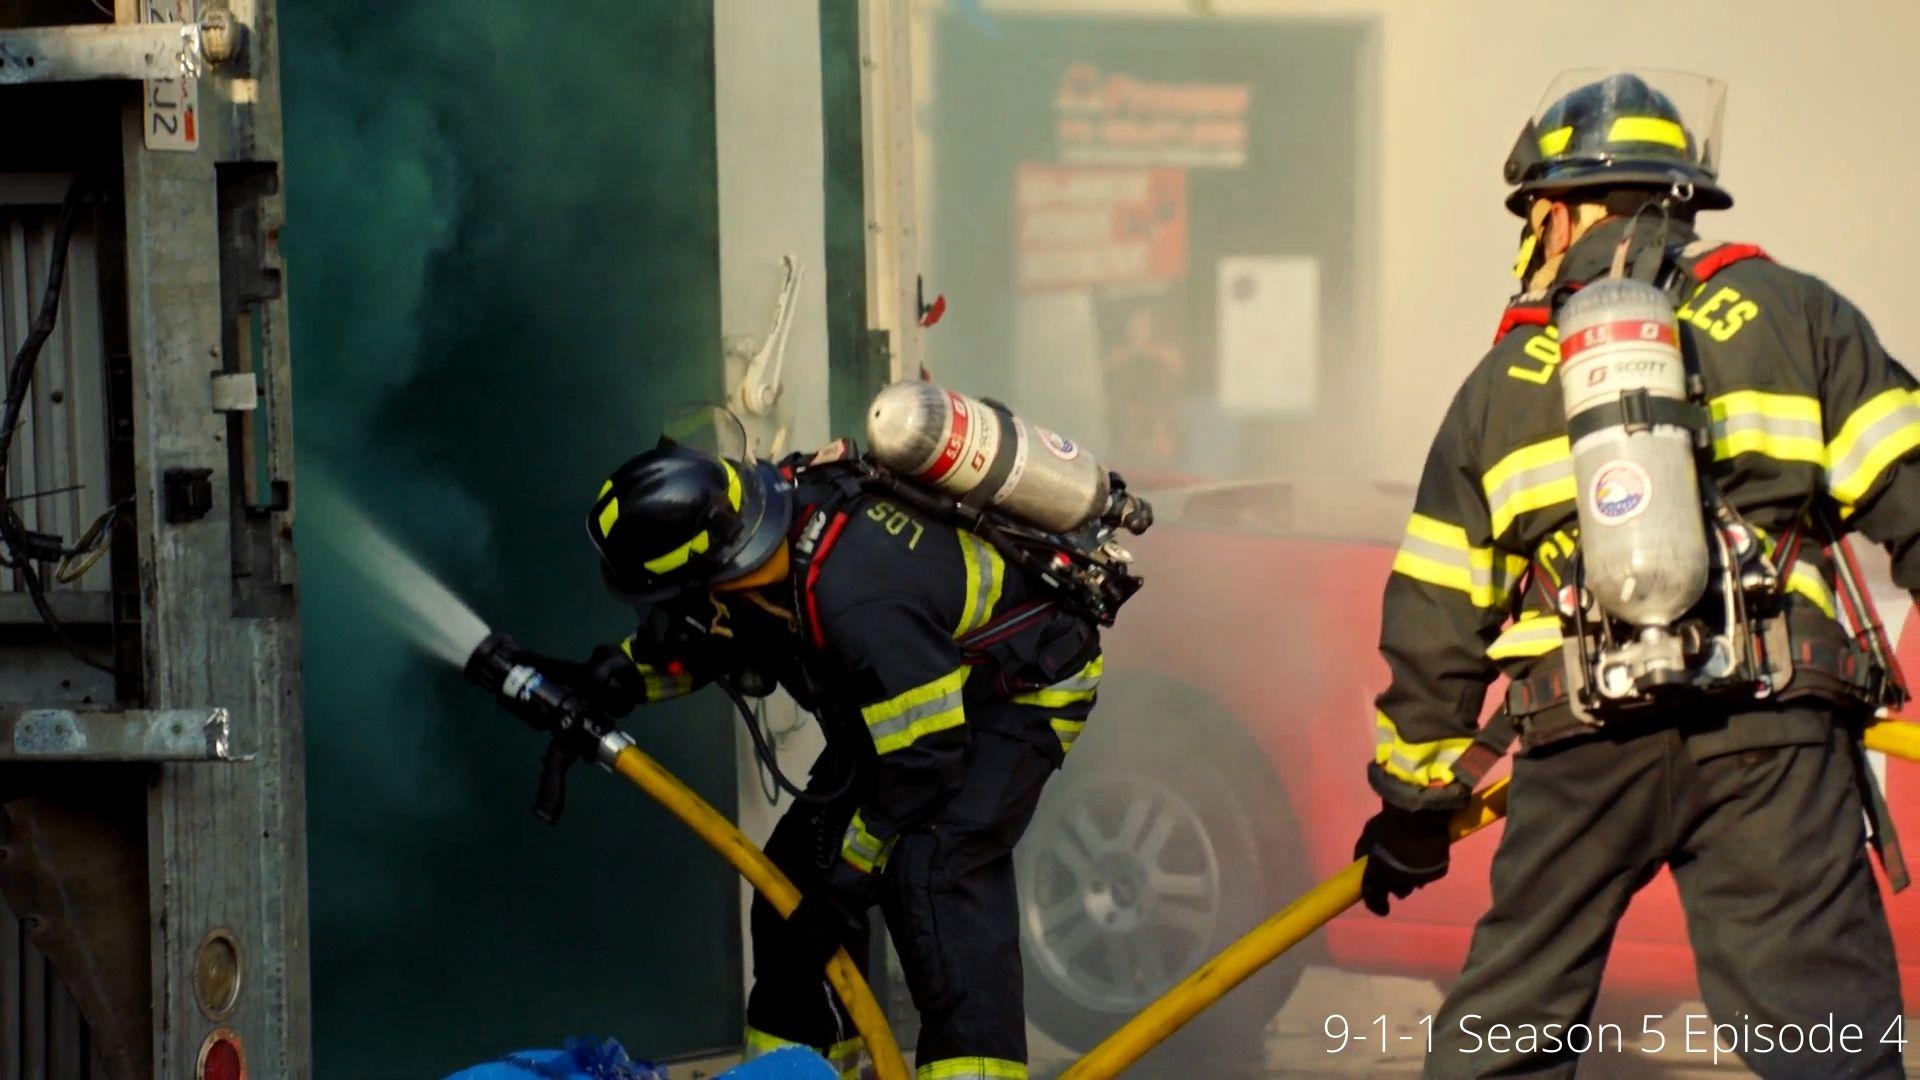 911 Season 5 Episode 5